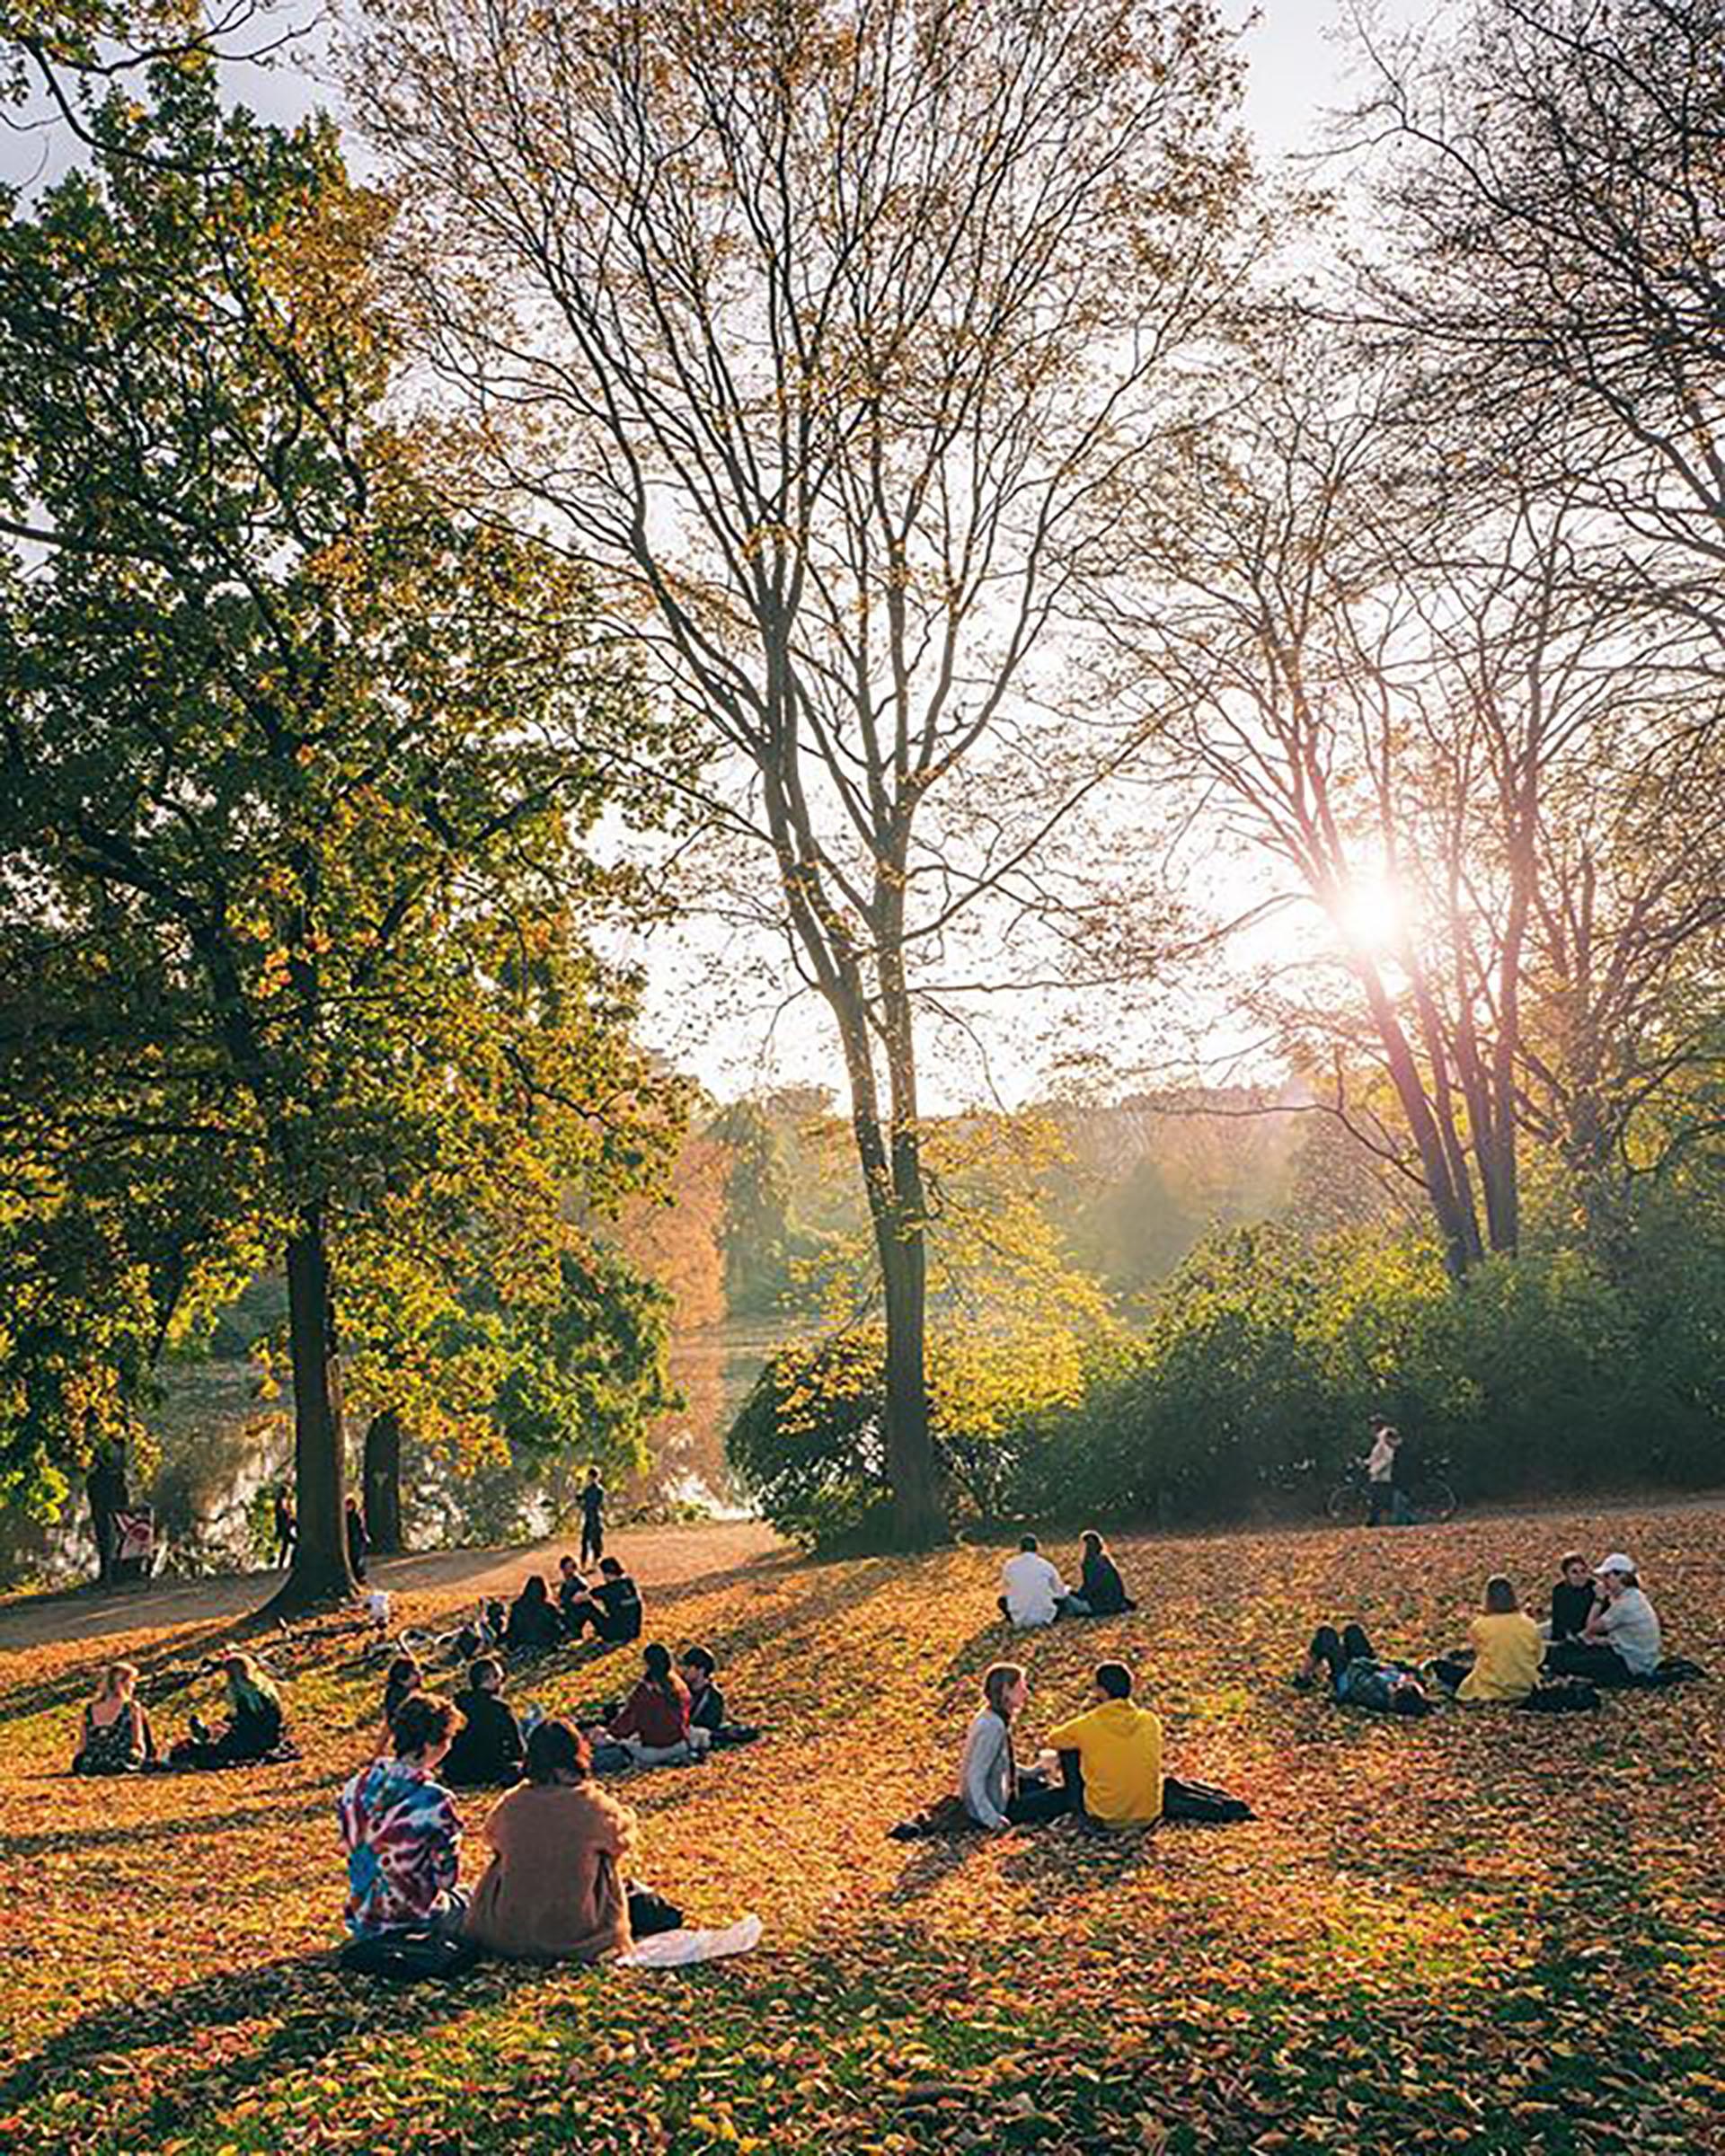 La vida al aire libre, uno de los placeres de sus habitantes y turistas